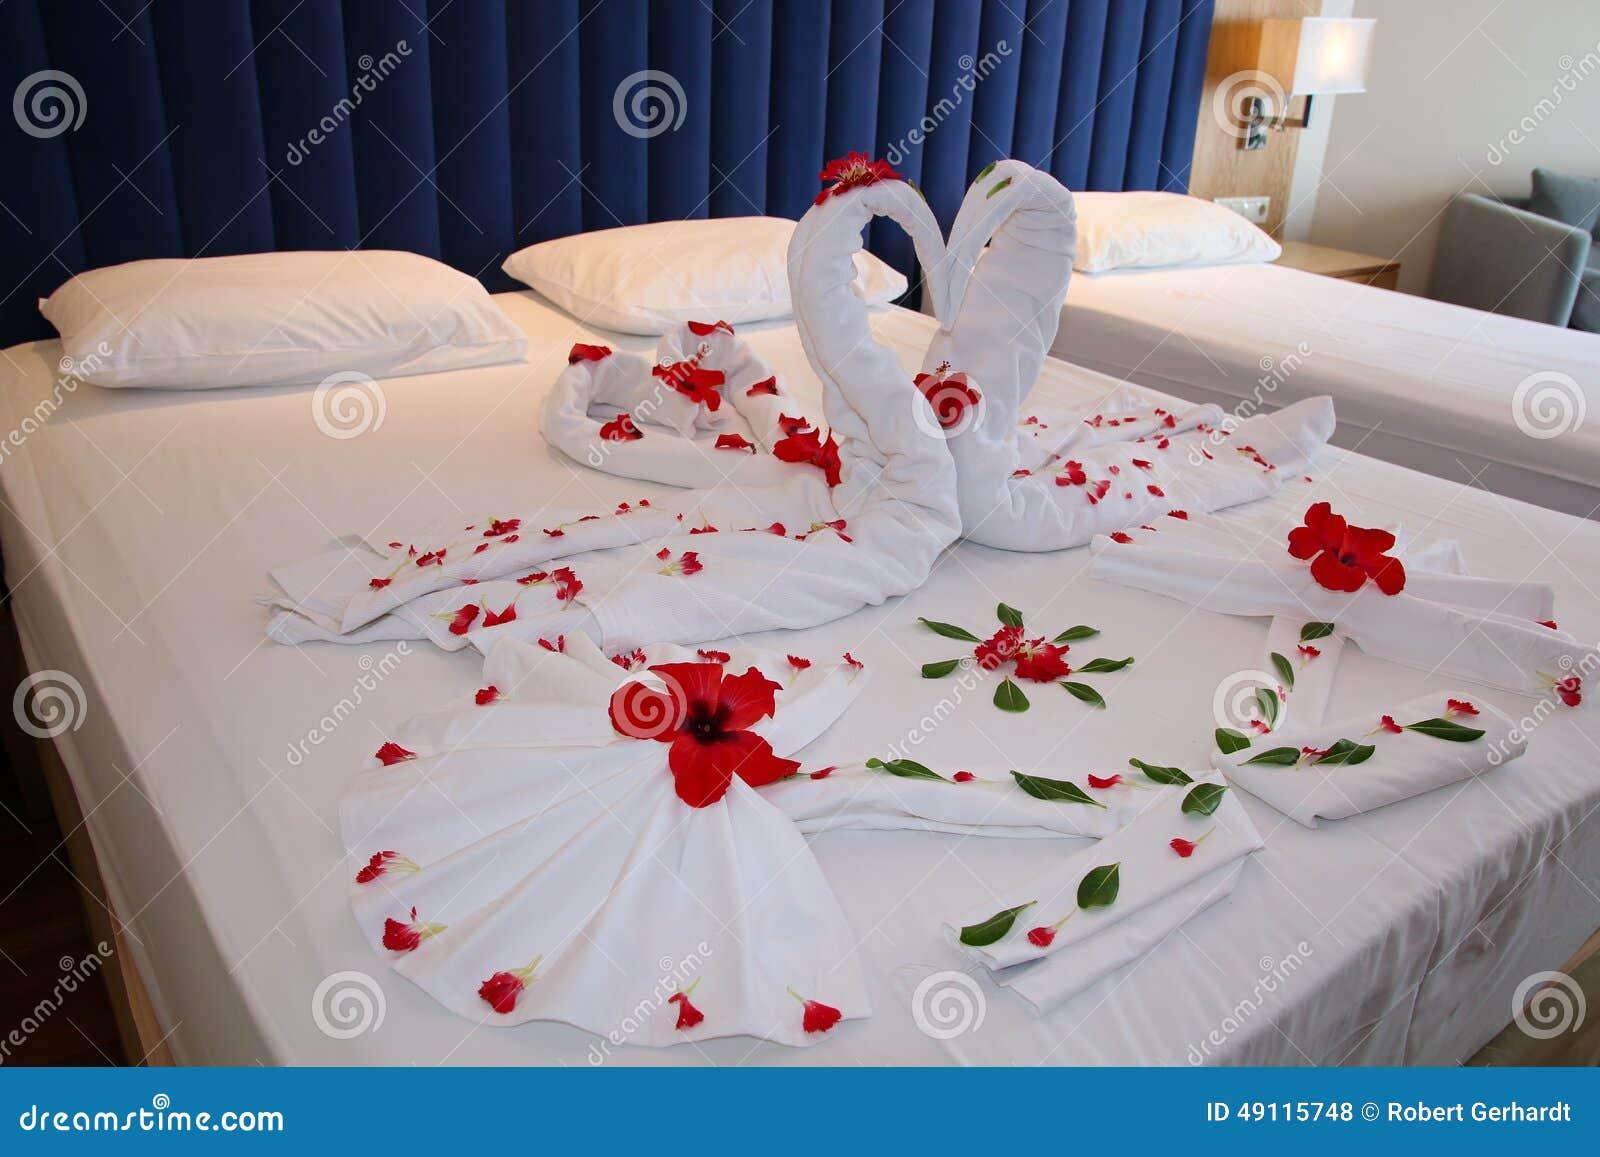 chambre coucher dans la suite d 39 h tel avec les d corations en forme de coeur photo stock. Black Bedroom Furniture Sets. Home Design Ideas